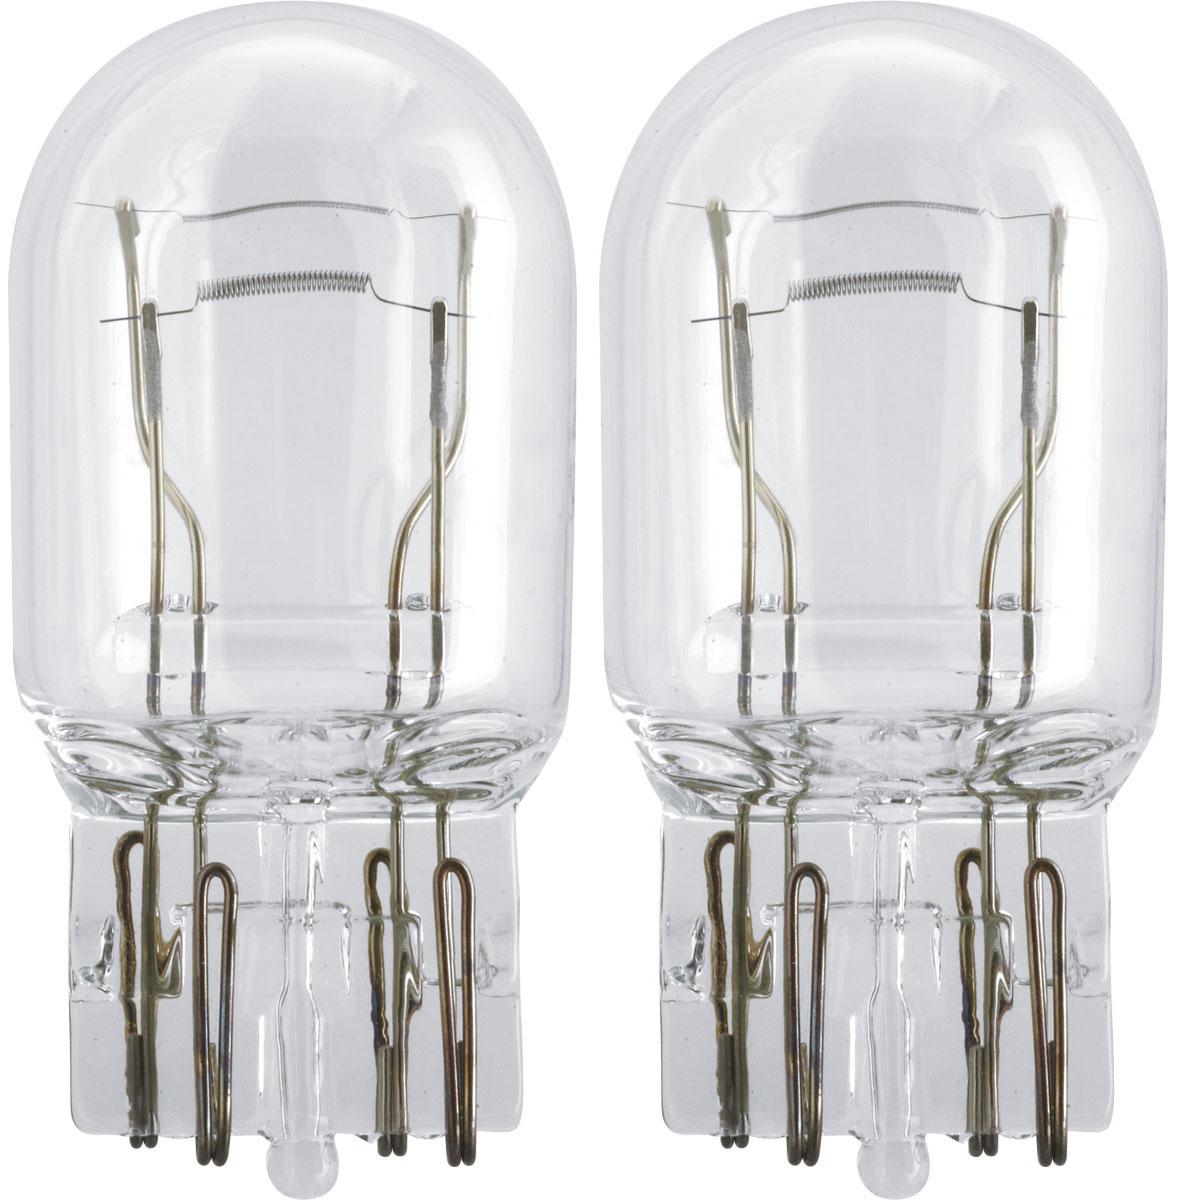 Лампа автомобильная галогенная Philips Vision, сигнальная, цоколь W21/5W, 12V, 21/5W, 2 шт12066B2 (бл.)Автомобильная лампа Philips Vision изготовлена из запатентованного кварцевого стекла с УФ- фильтром Philips Quartz Glass. Кварцевое стекло в отличие от обычного стекла выдерживает гораздо большее давление и больший перепад температур. При попадании влаги на работающую лампу, лампа не взрывается и продолжает работать. Лампа Philips Vision производит на 30% больше света по сравнению со стандартной лампой, благодаря чему стоп-сигналы или указатели поворота будут заметны с большего расстояния. Лампа Philips Vision отличается высокой эффективностью, соответствуя всем современным требованиям.